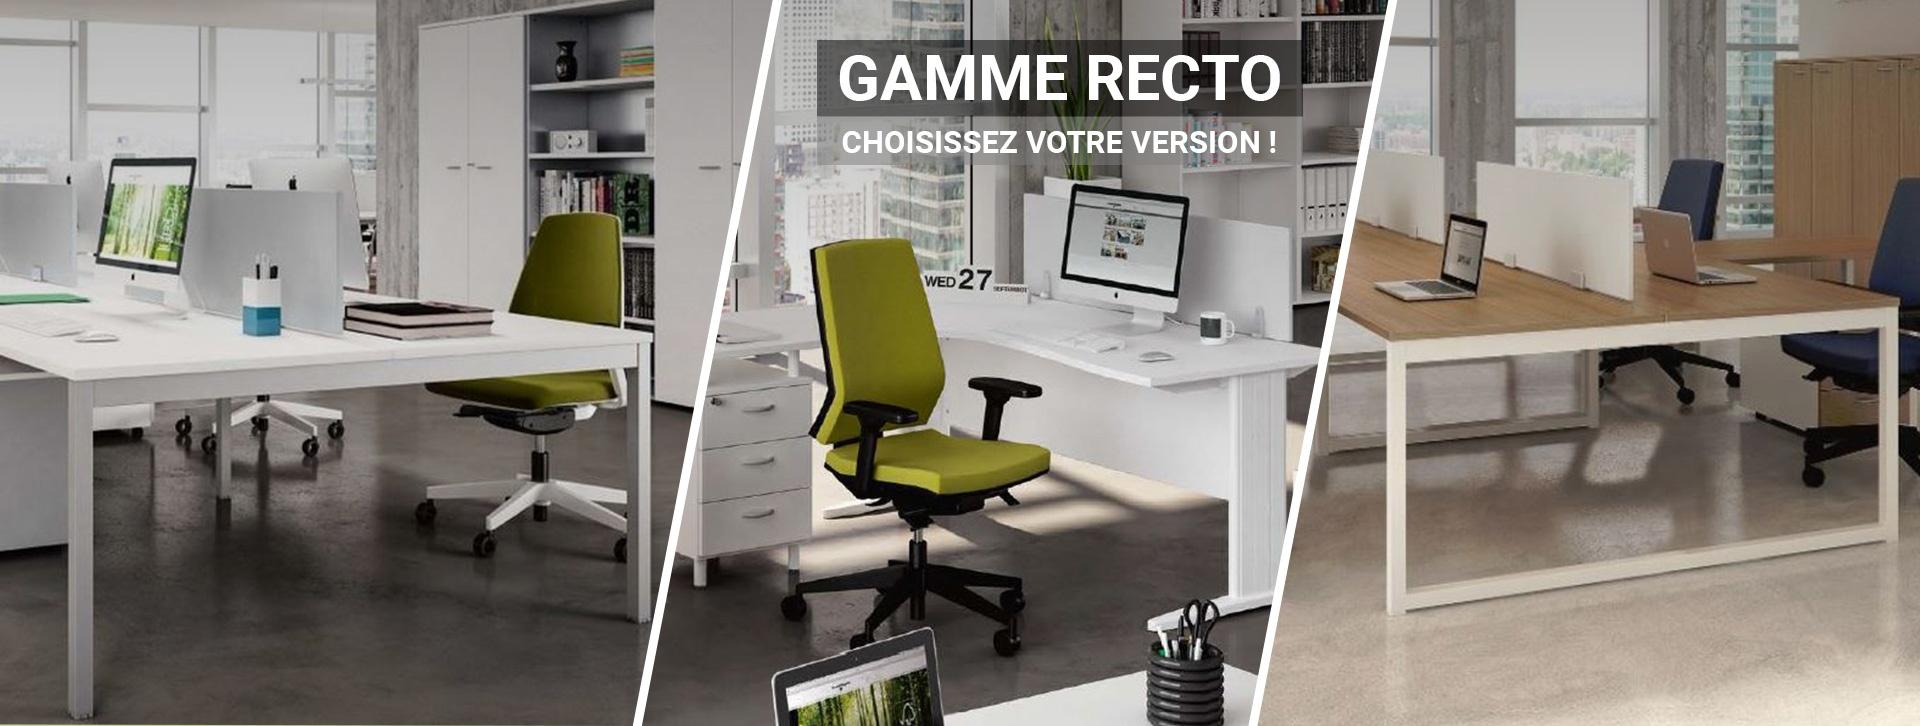 Gamme Recto, choisissez votre version !